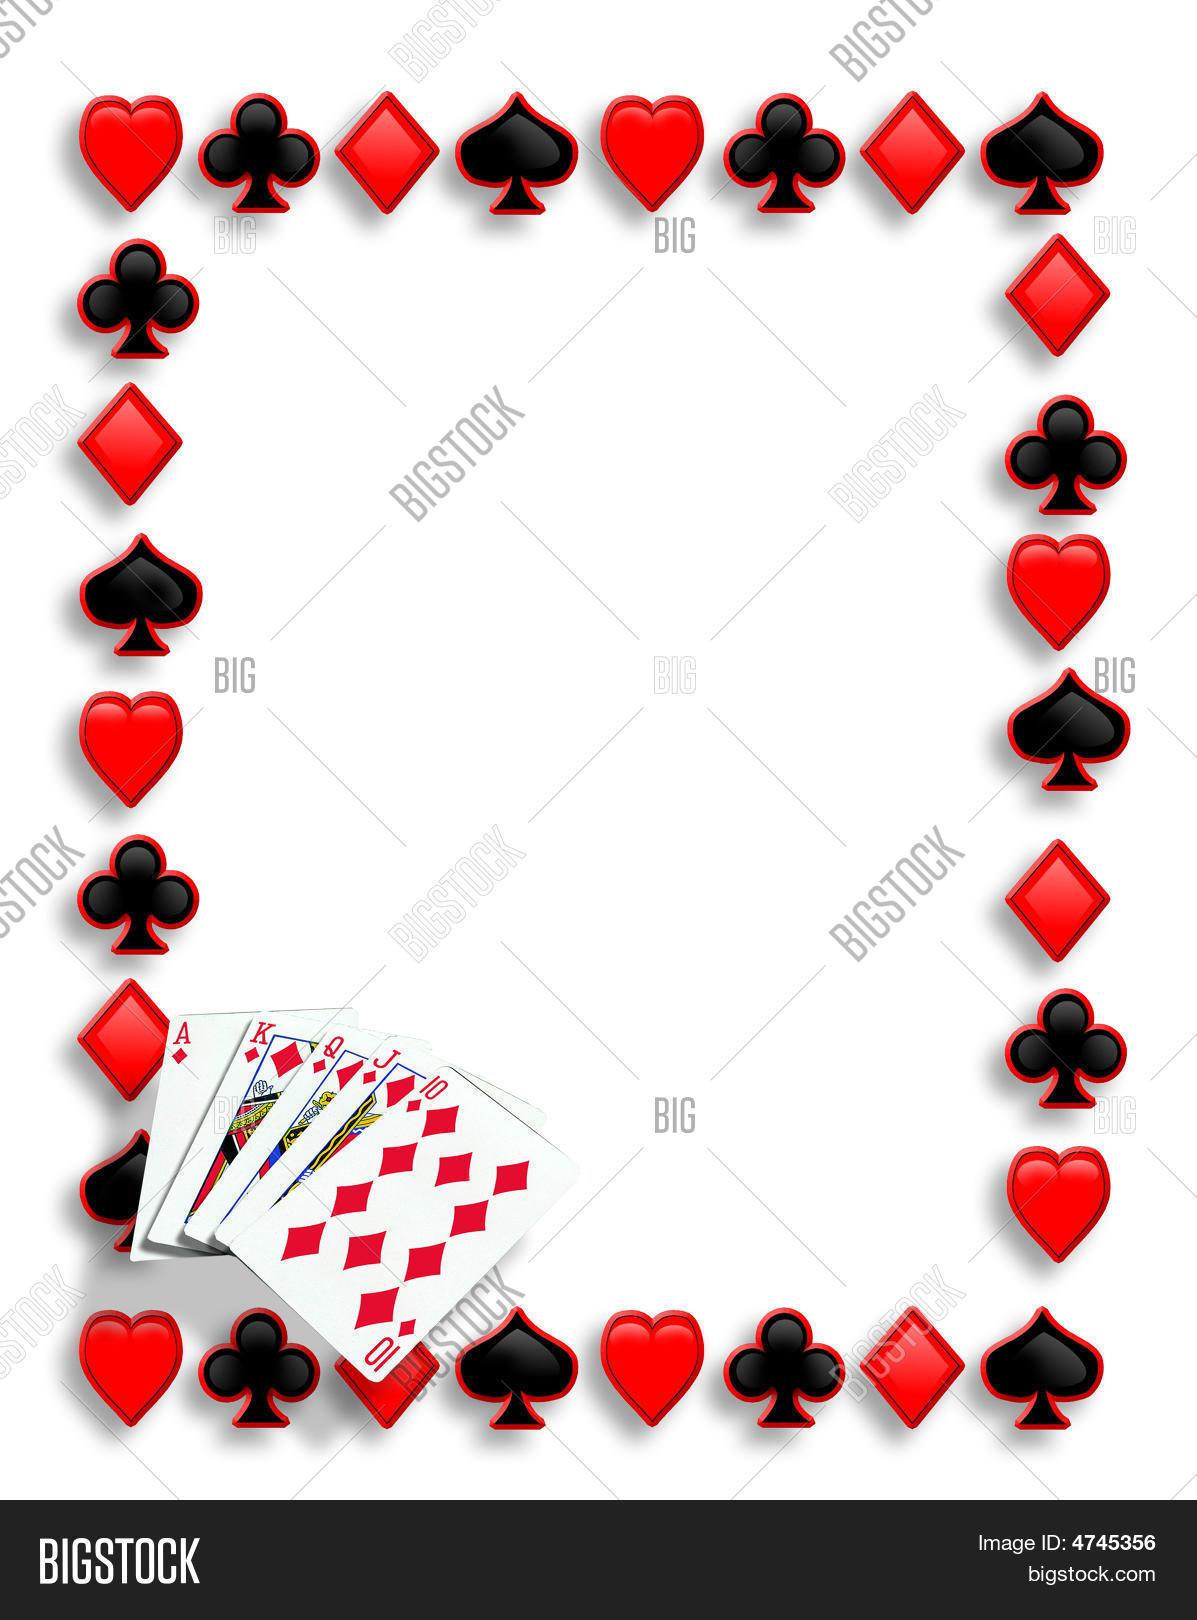 Gambling deals atlantic city